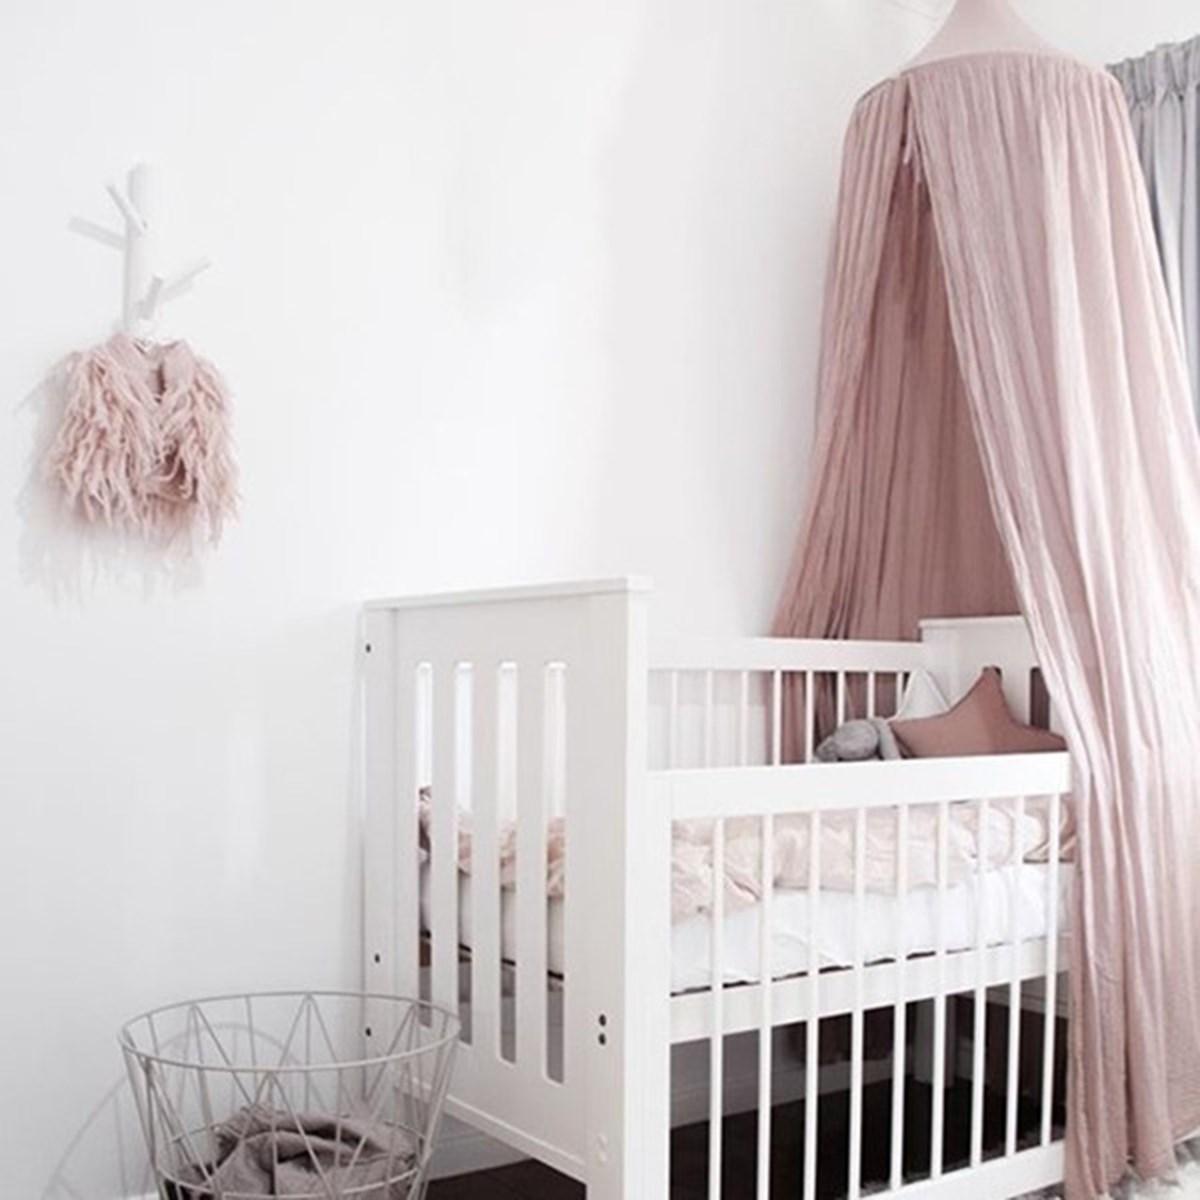 cama con dosel red kids beb cpula de cama colcha mosquitera cortina para bebs y nios